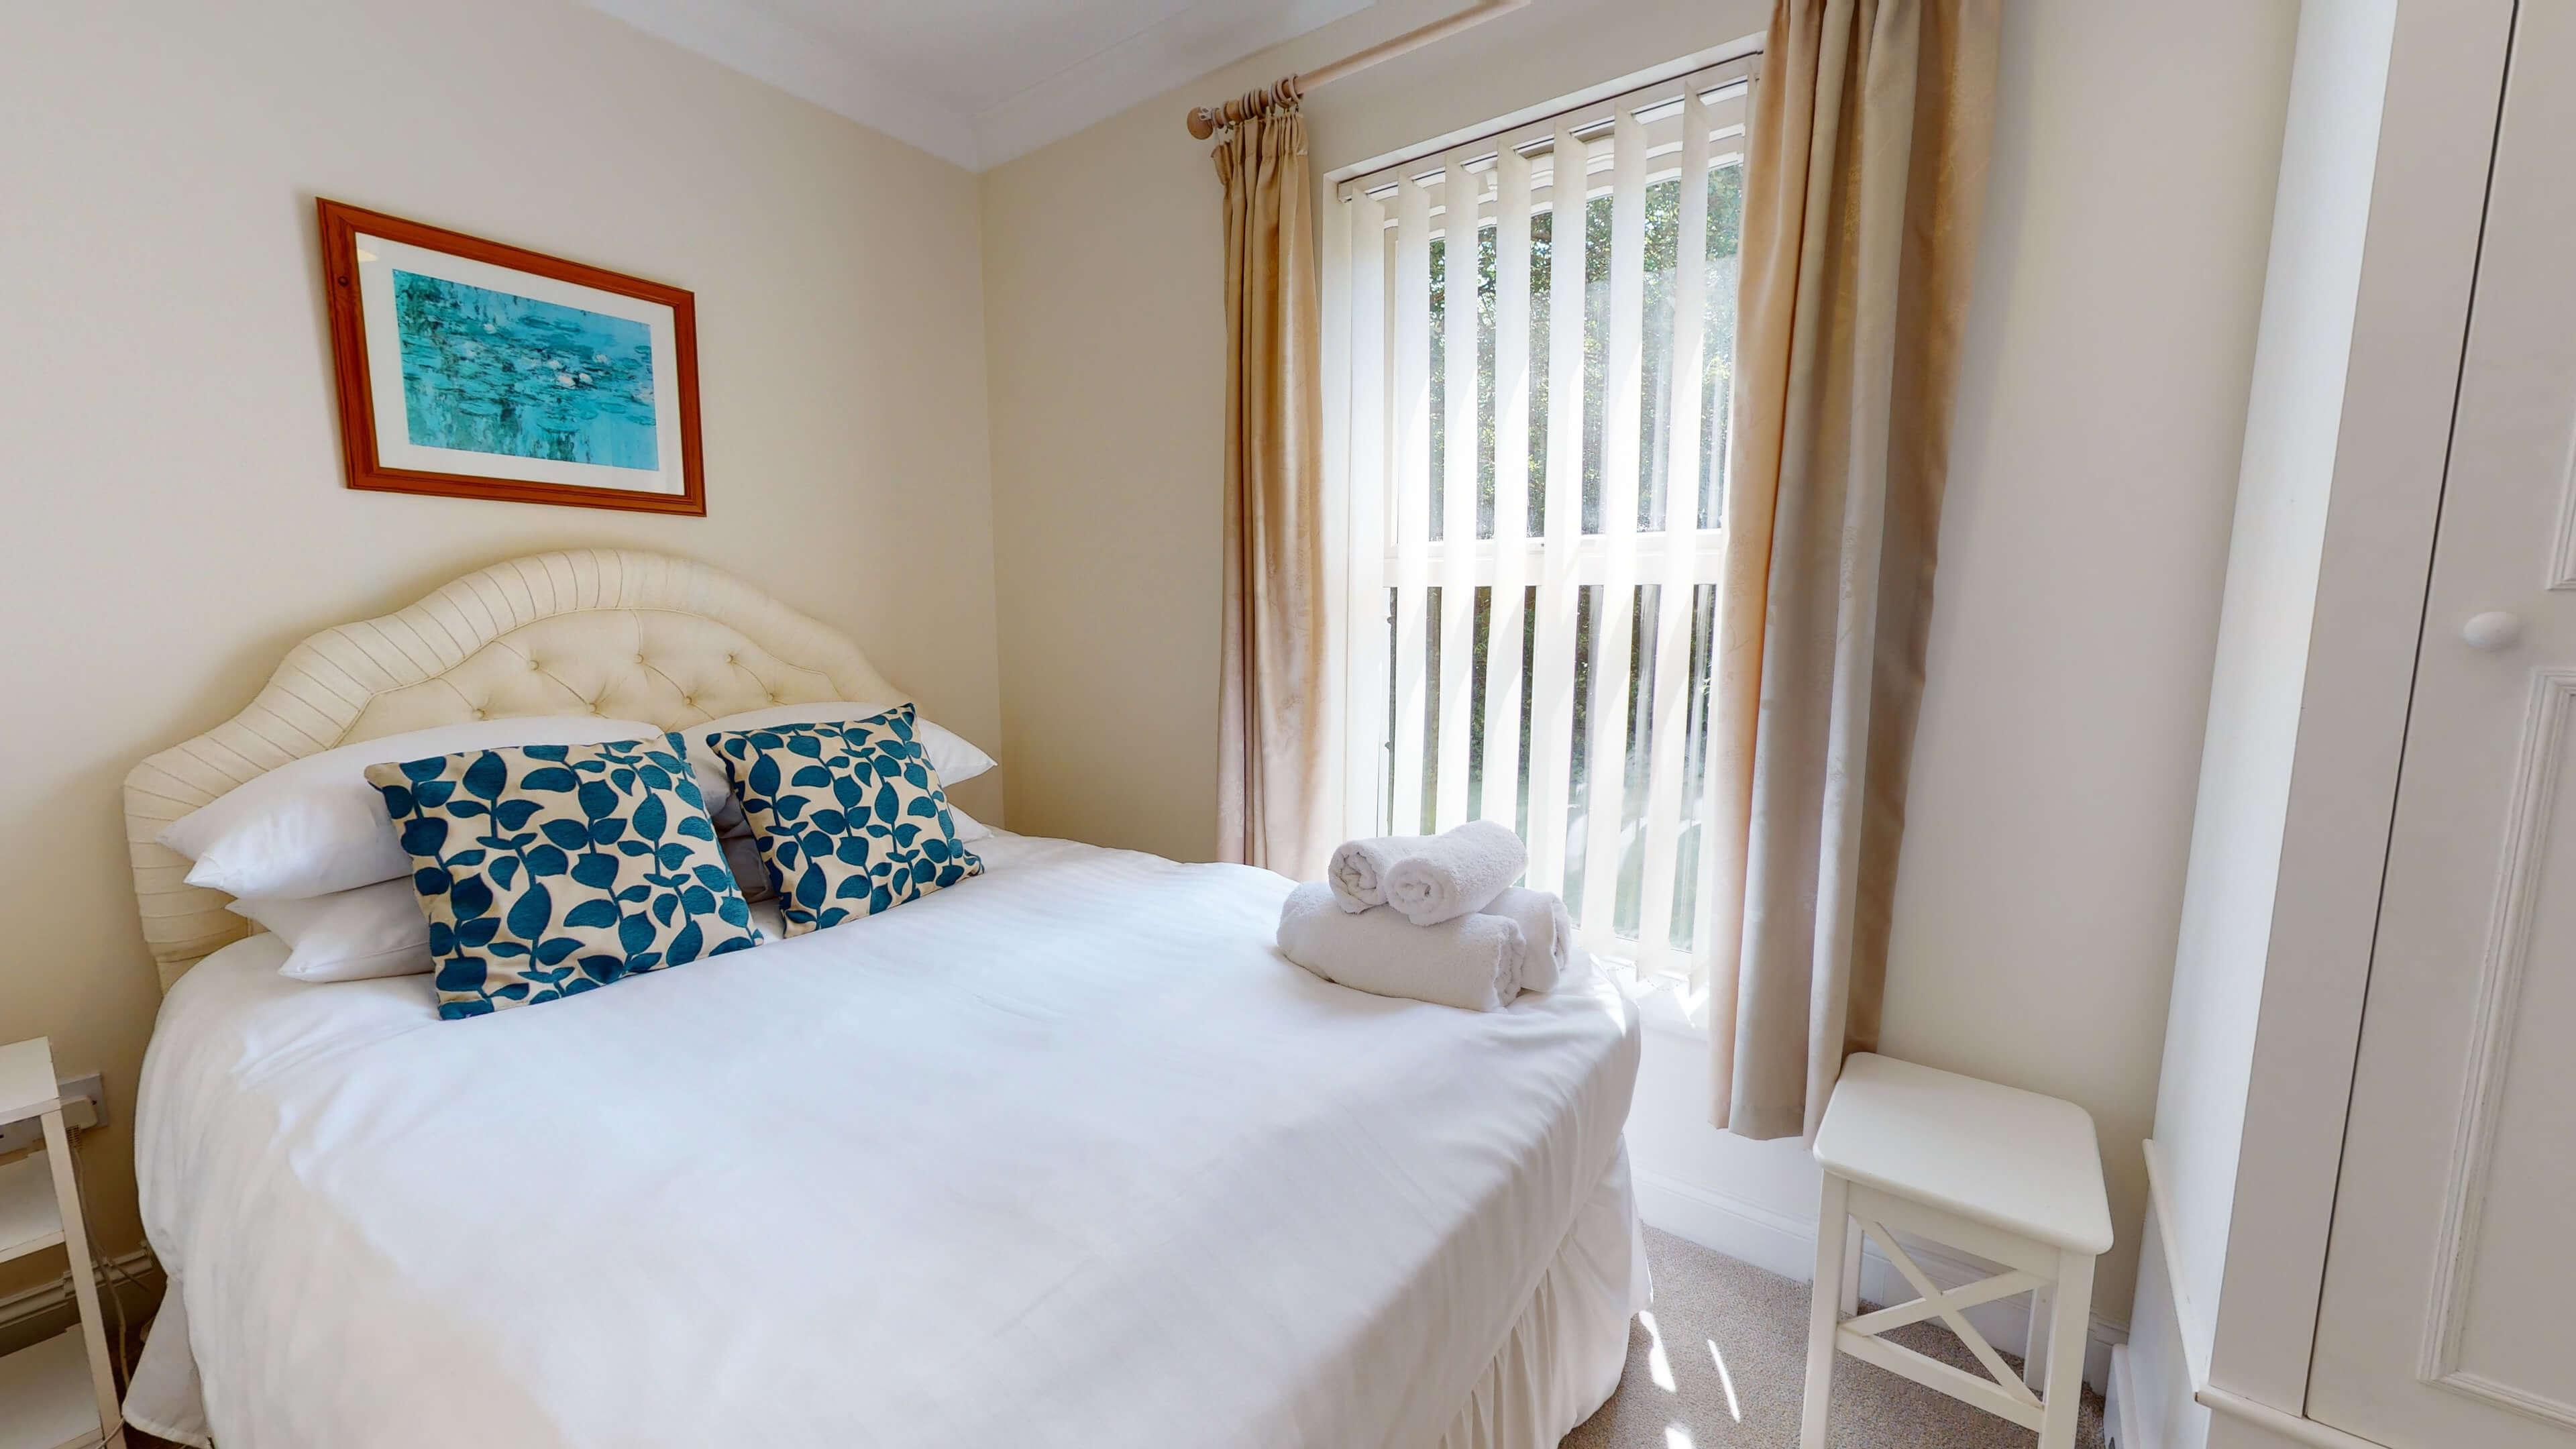 Rewley Road Oxford 2 Bed Rewley Road Bedroom One 1